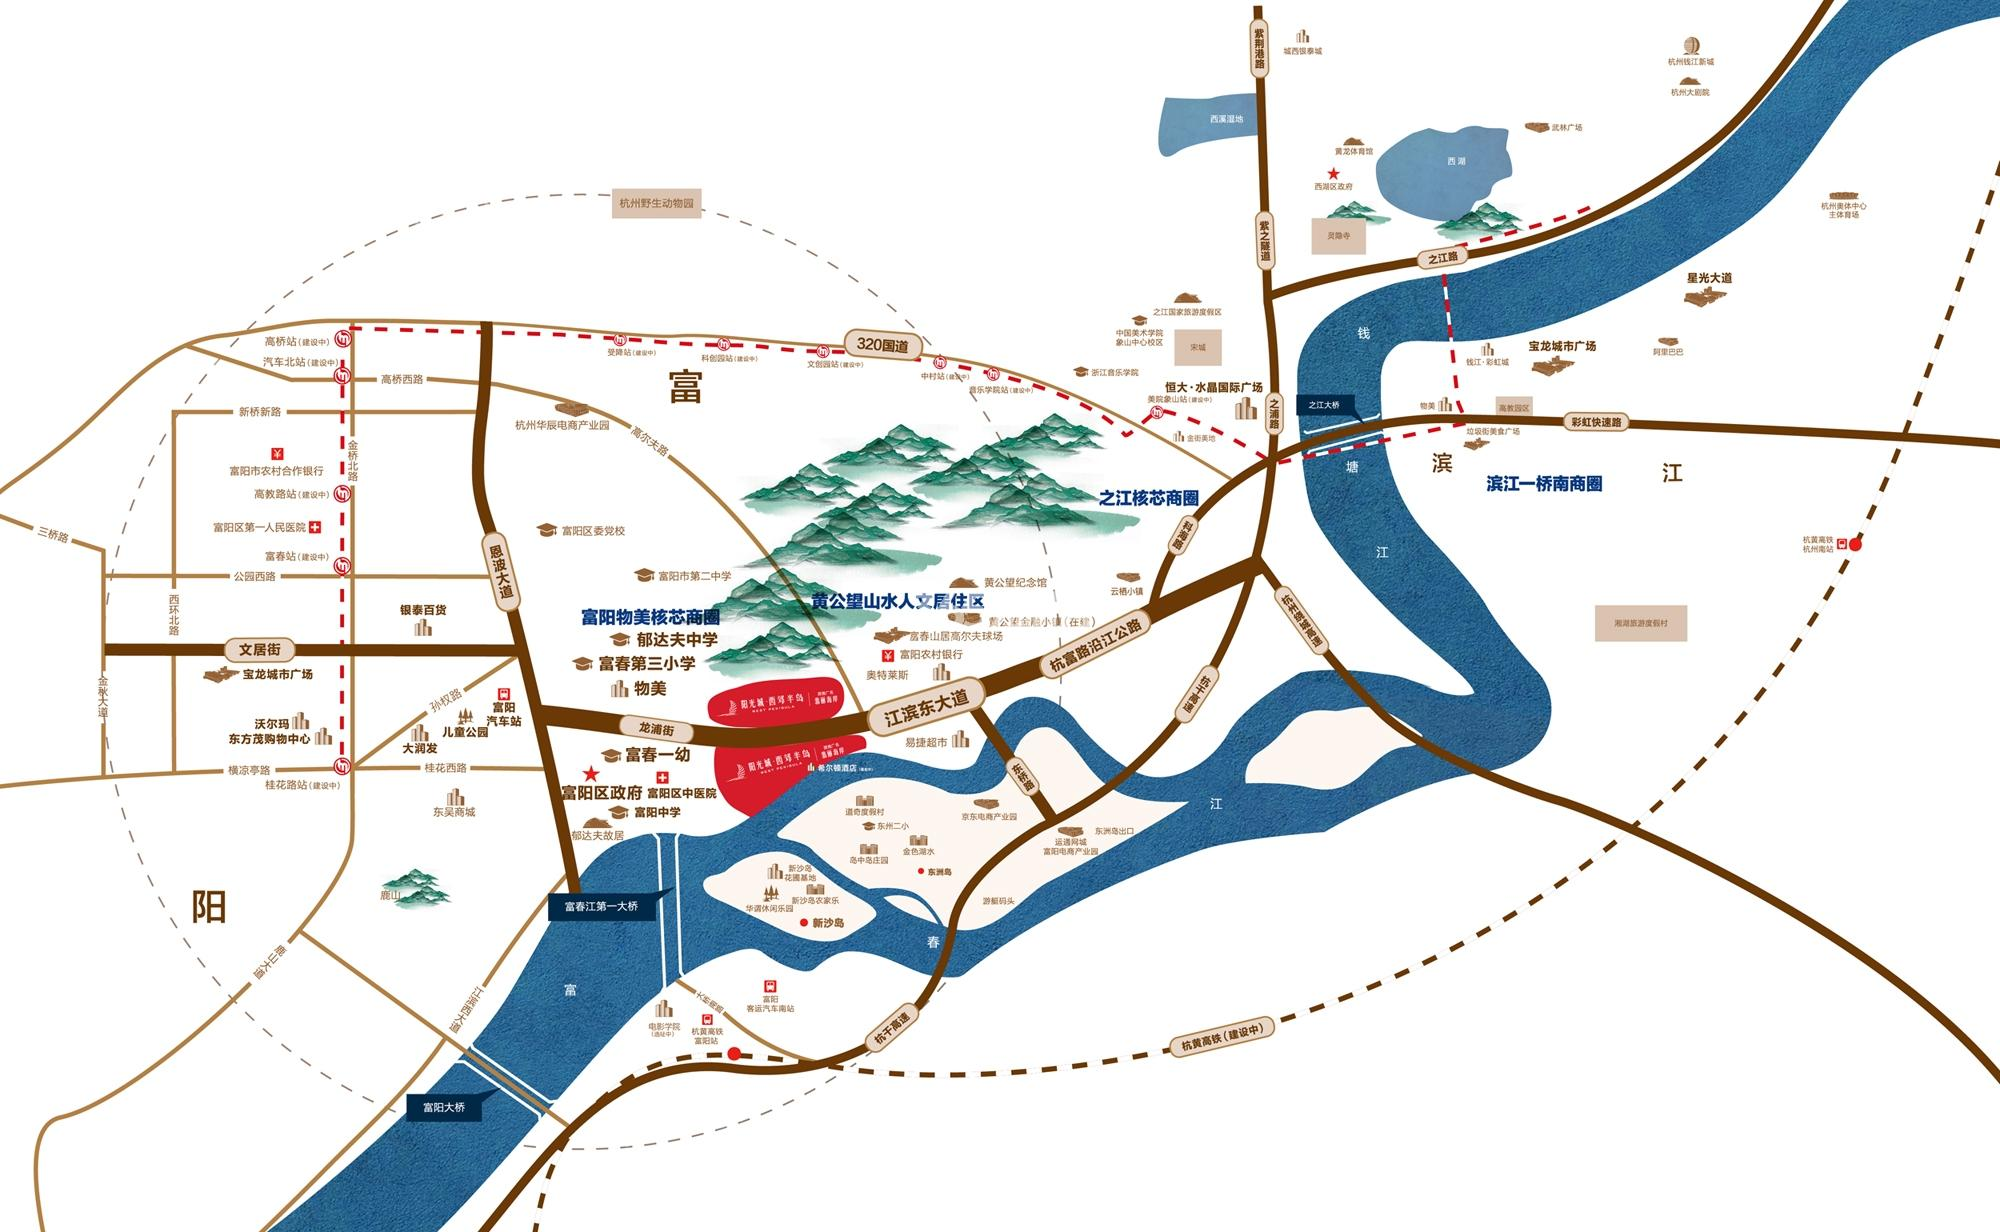 阳光城西郊半岛交通图